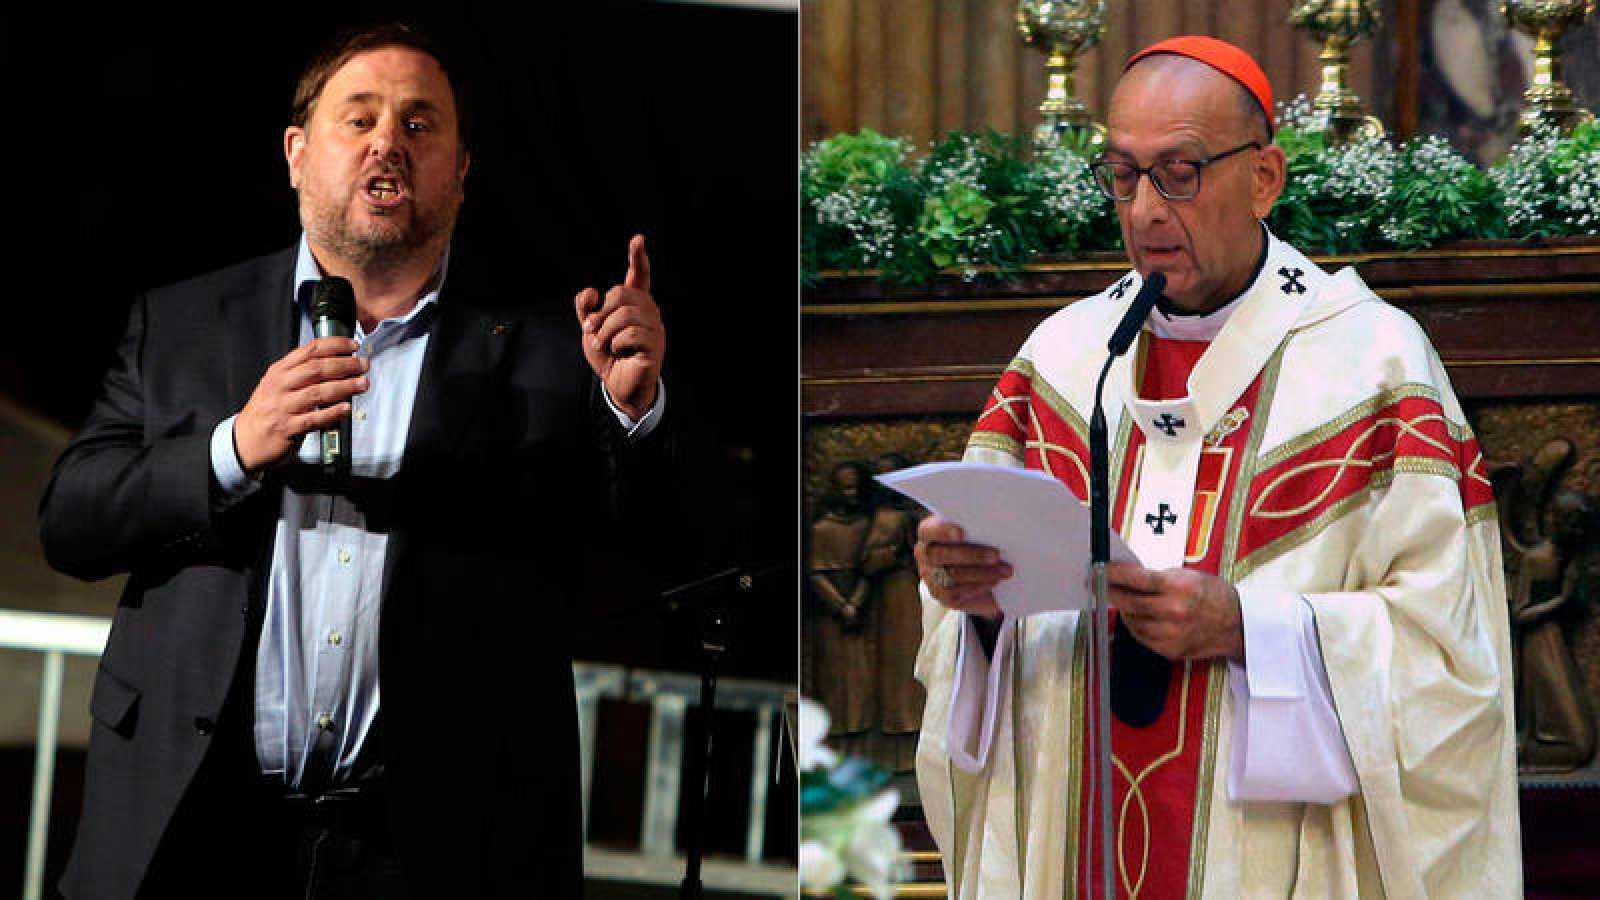 El vicepresidente de la Generalitat, Oriol Junqueras, y el cardenal arzobispo de Madrid, Juan José Omella